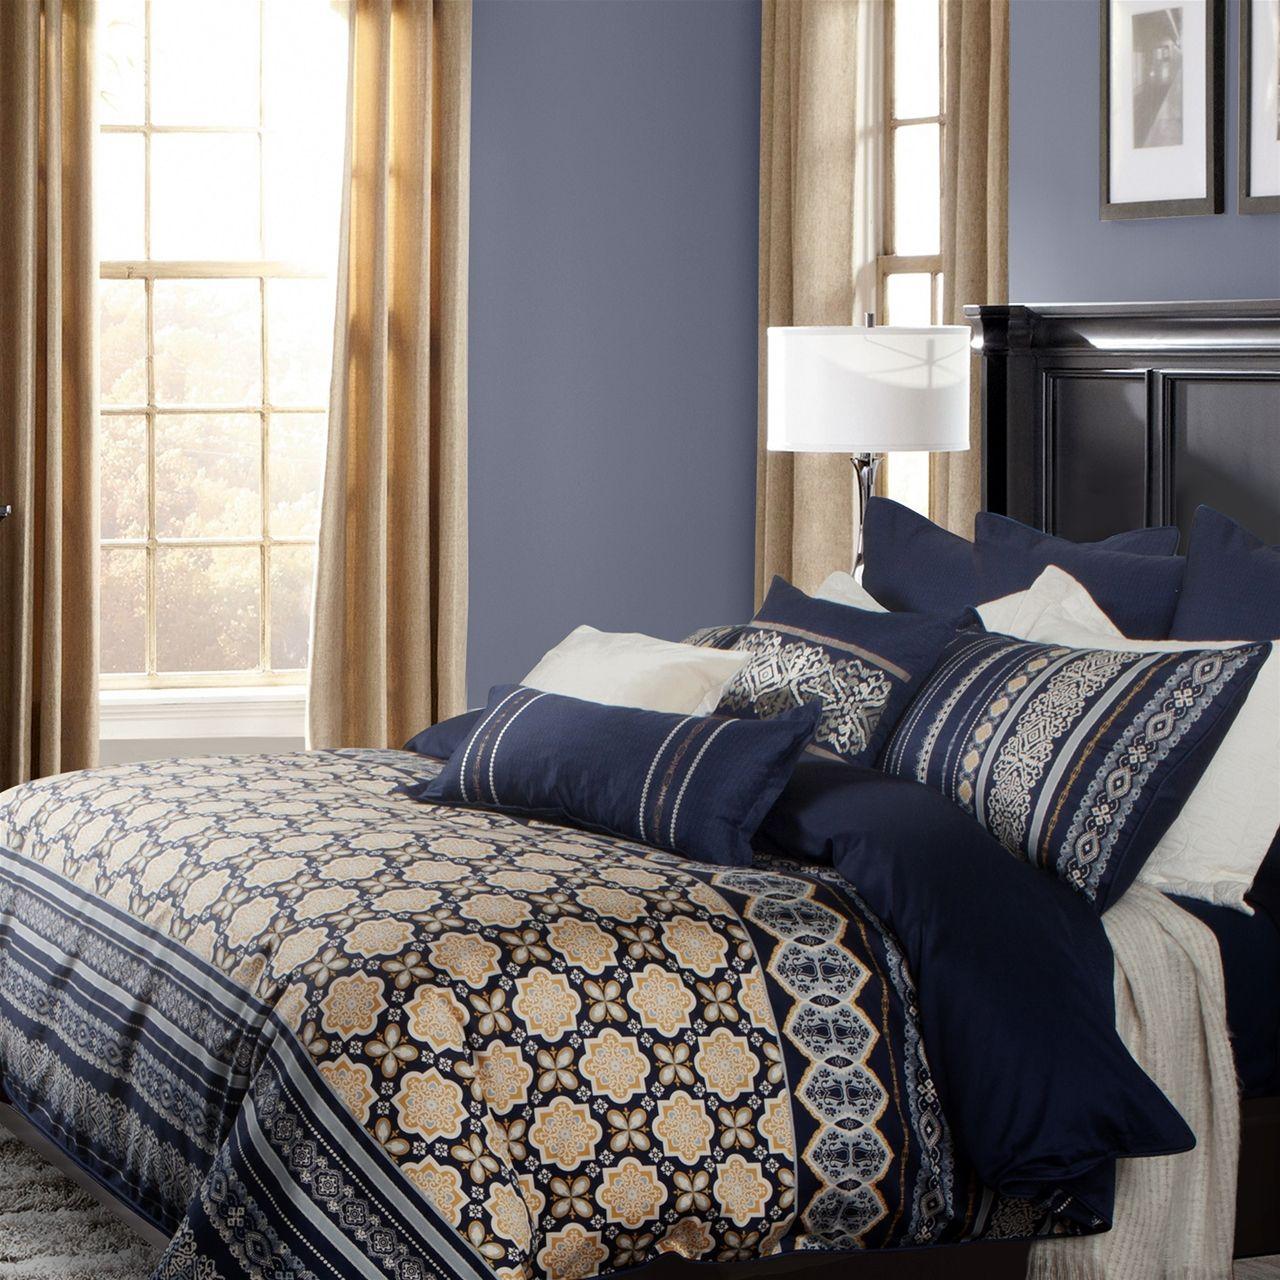 Designer linen designer bedding sorrento collection for Bedroom accessories sets